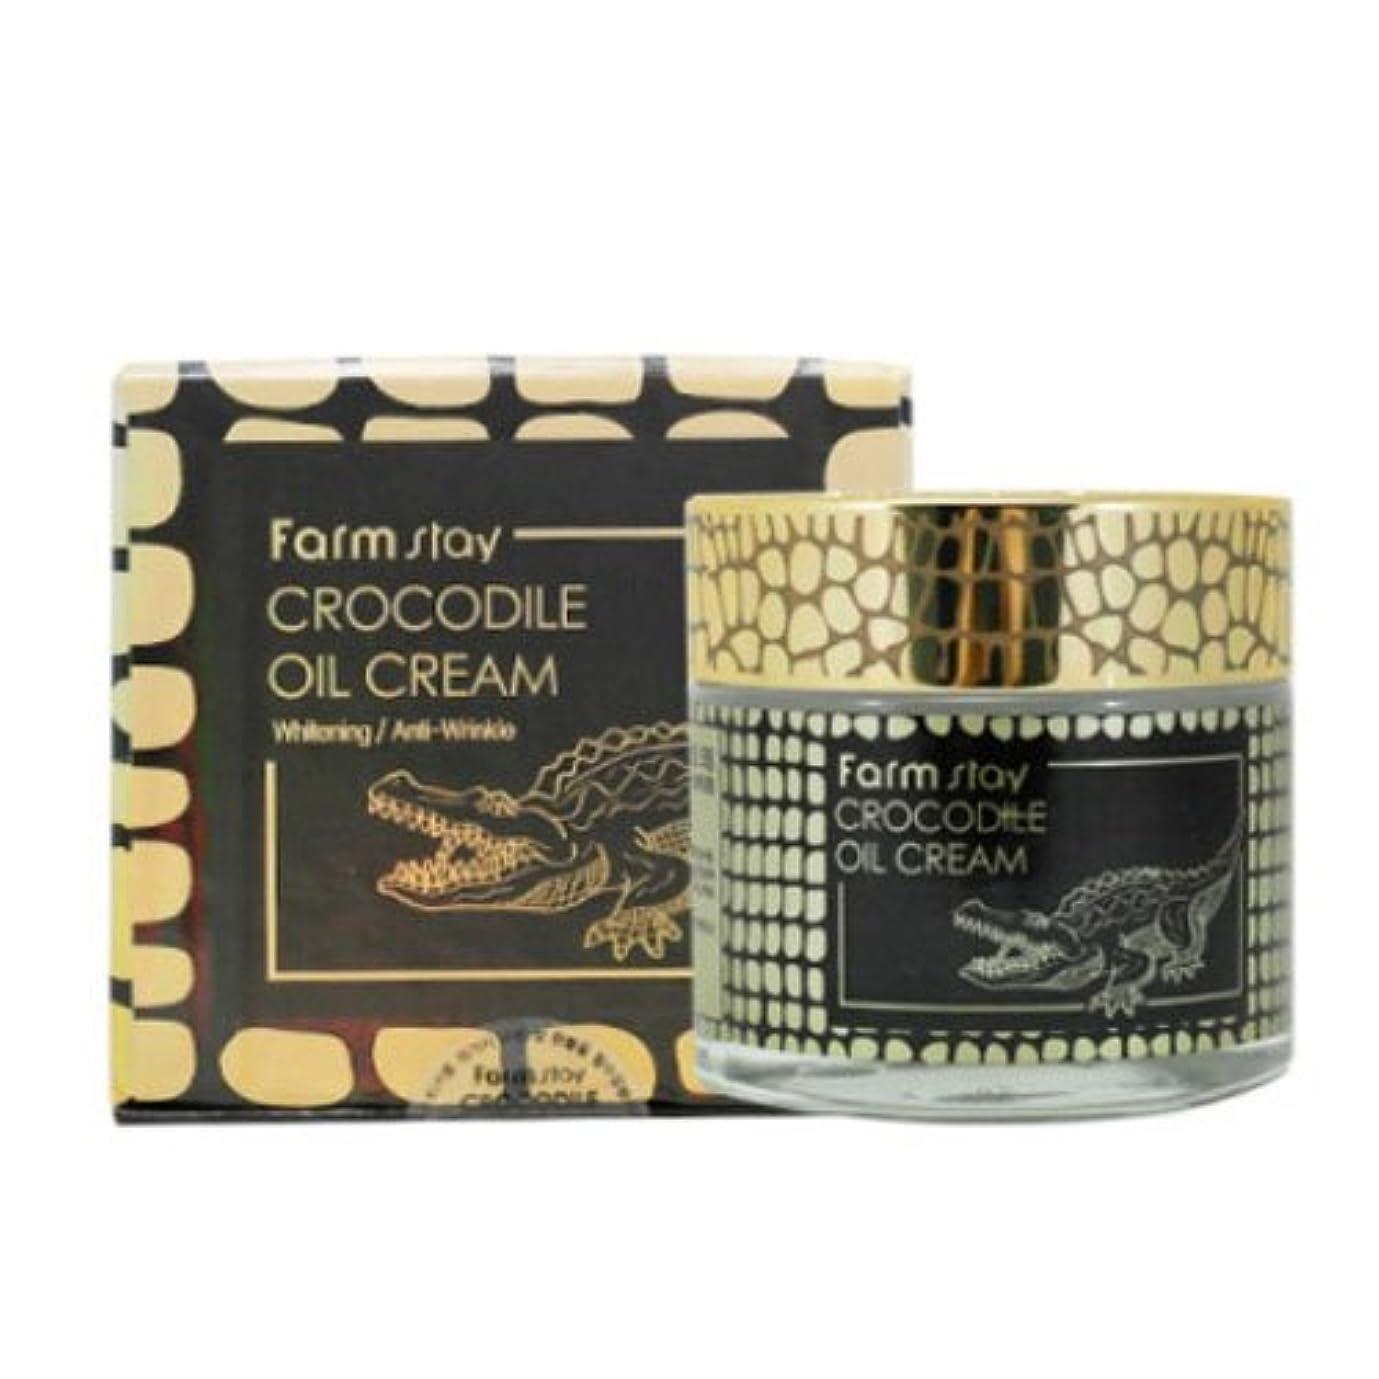 キャンバスハリウッドウルルファームステイ[韓国コスメFarm Stay]Crocodile Oil Cream ワニオイルクリーム70g しわ管理 美白[並行輸入品]